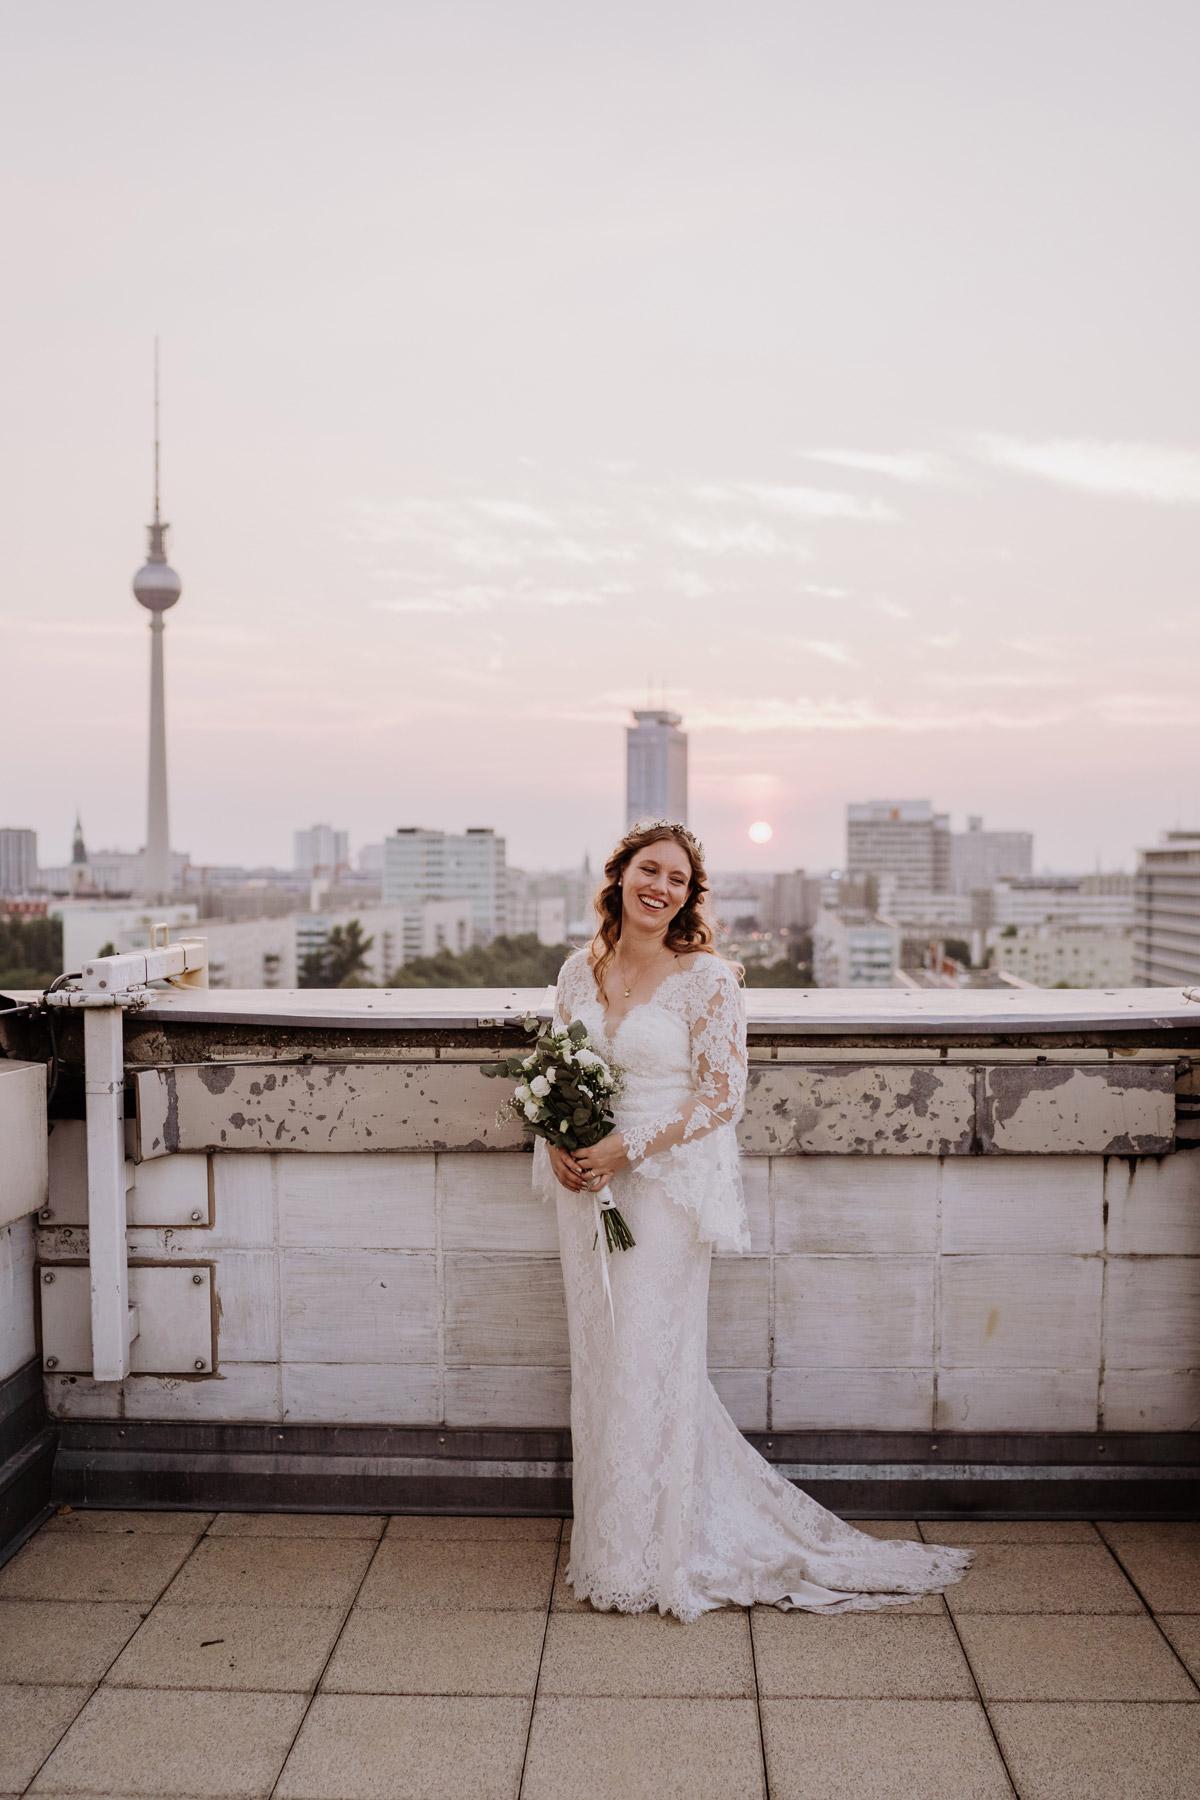 Hochzeitsfoto Fernsehturm Berlin Braut - Corona Hochzeit im Standesamt Berlin Gärten der Welt Chinesischer Garten - mehr im Blog von Hochzeitsfotografin Berlin © www.hochzeitslicht.de #hochzeitslicht